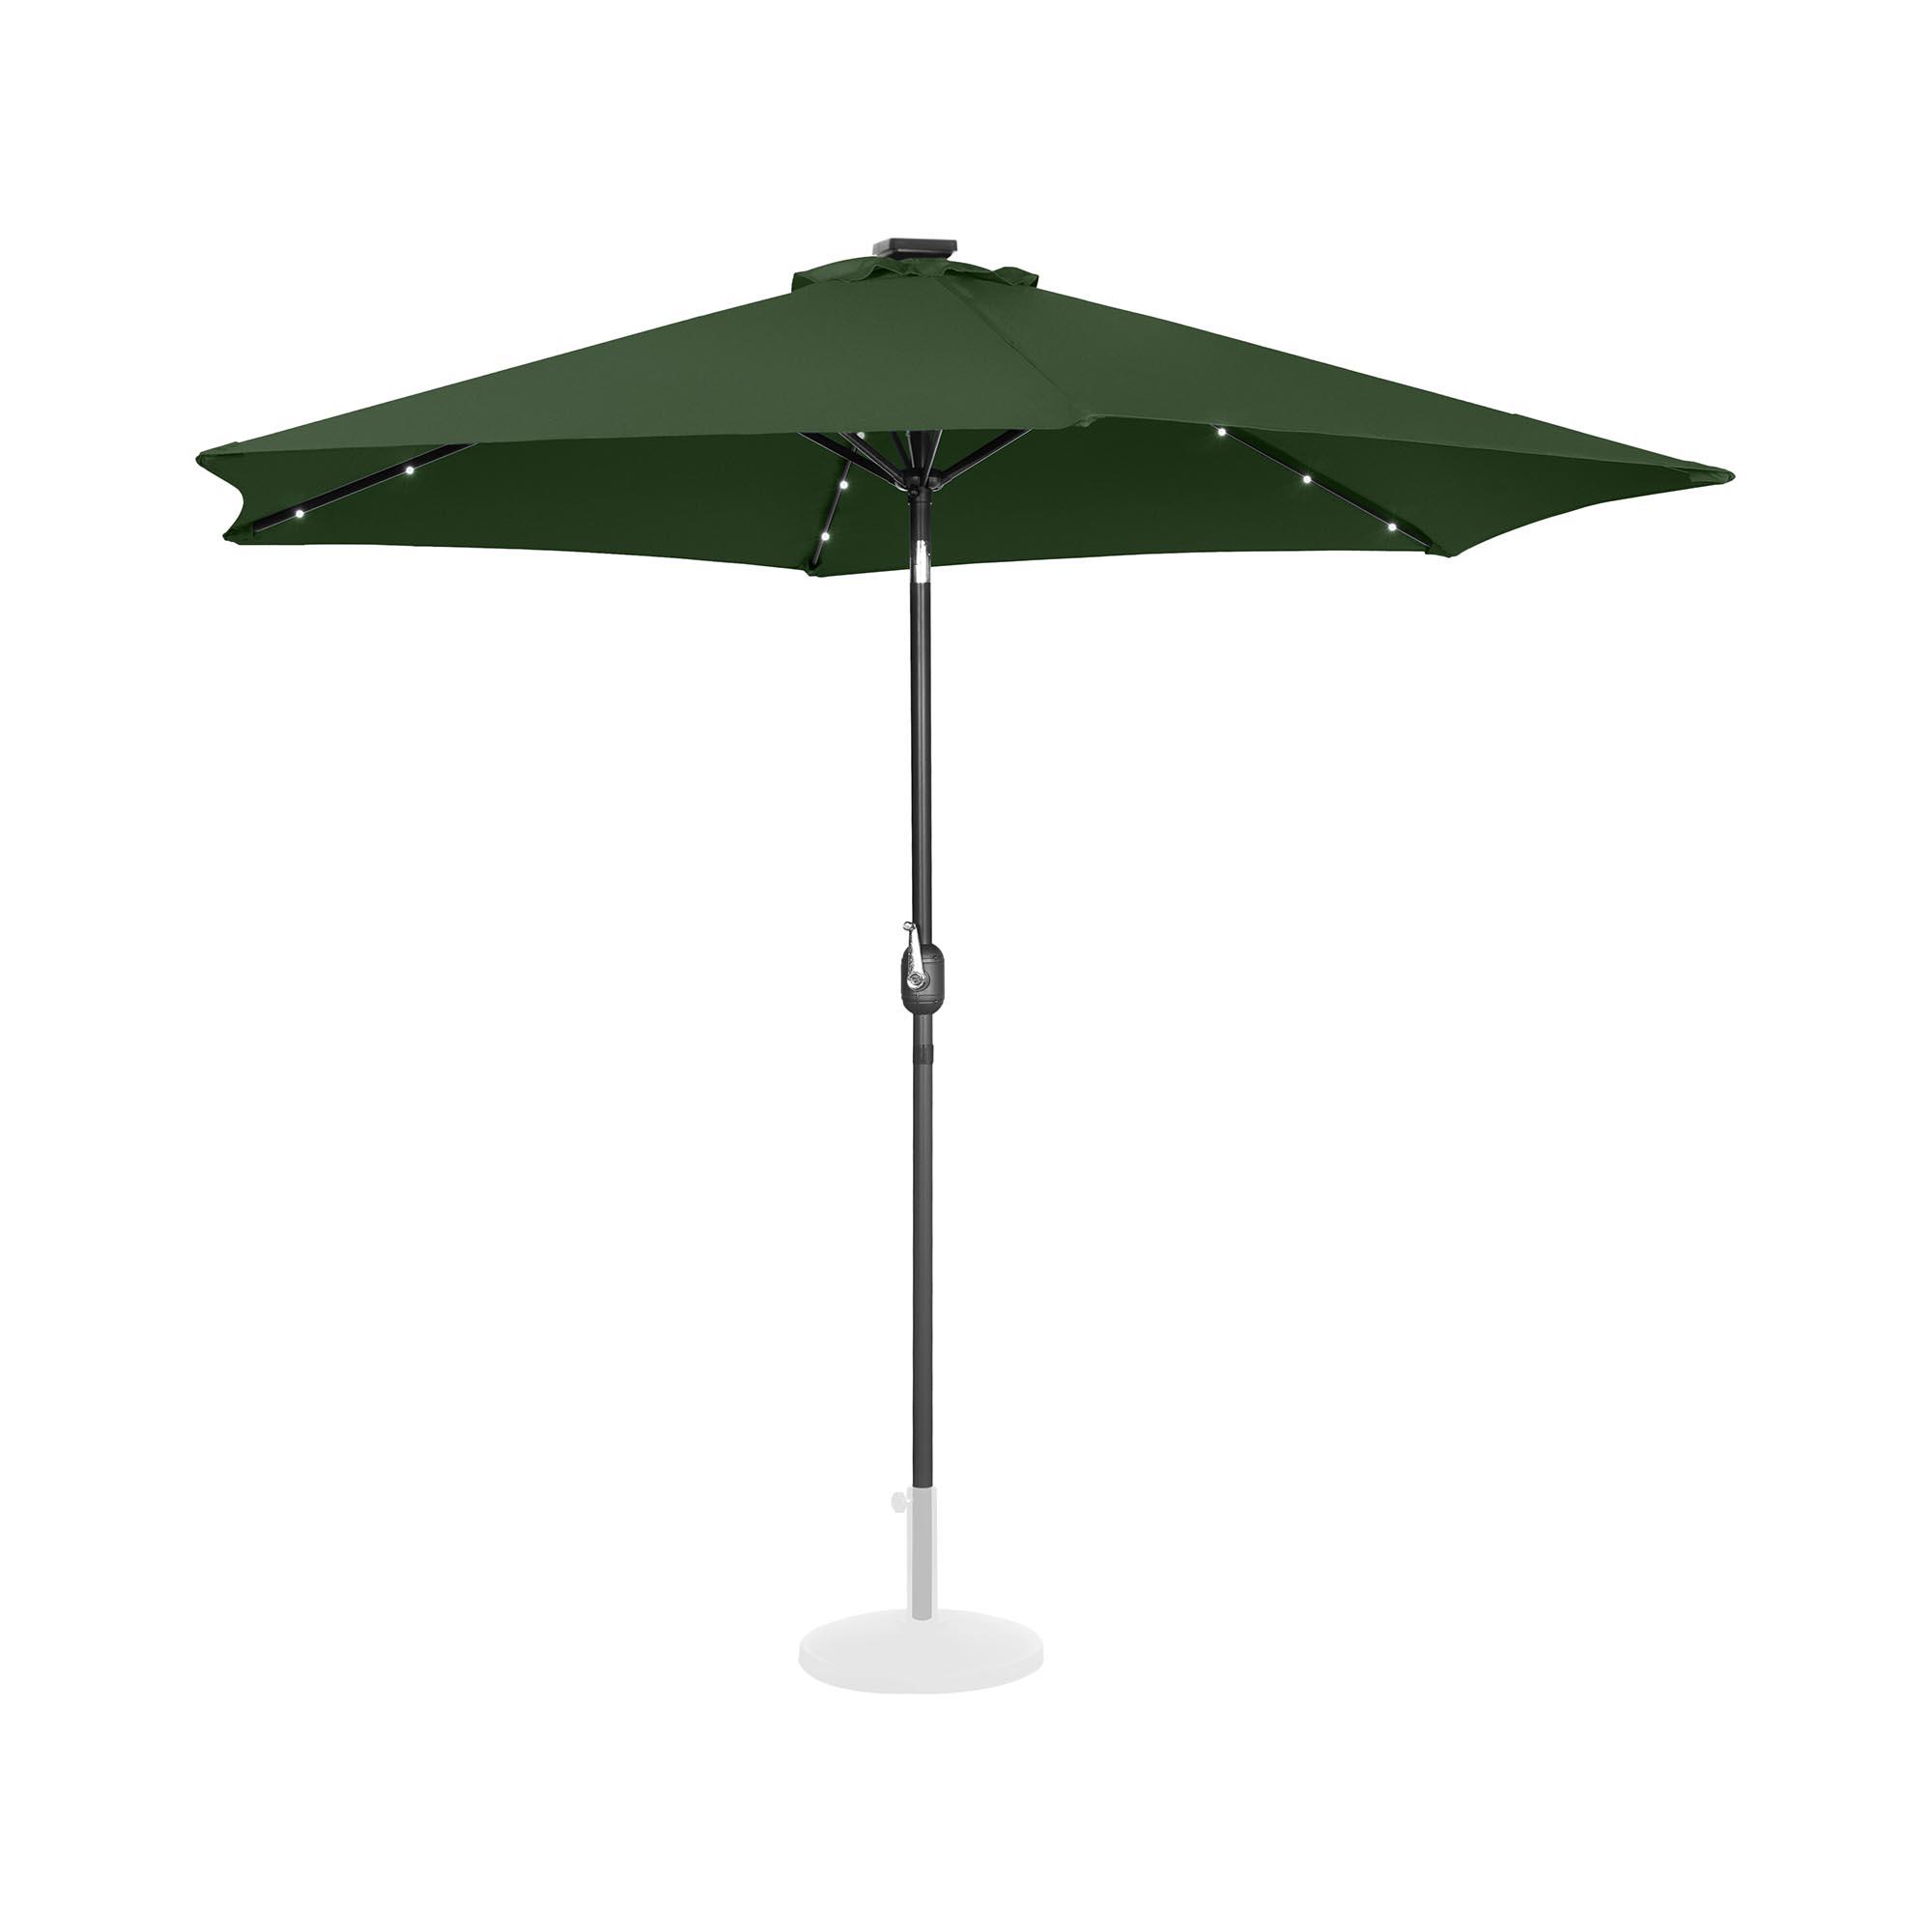 Uniprodo Sonnenschirm mit LED - grün - rund - Ø 300 cm - neigbar UNI_UMBRELLA_TR300GRL